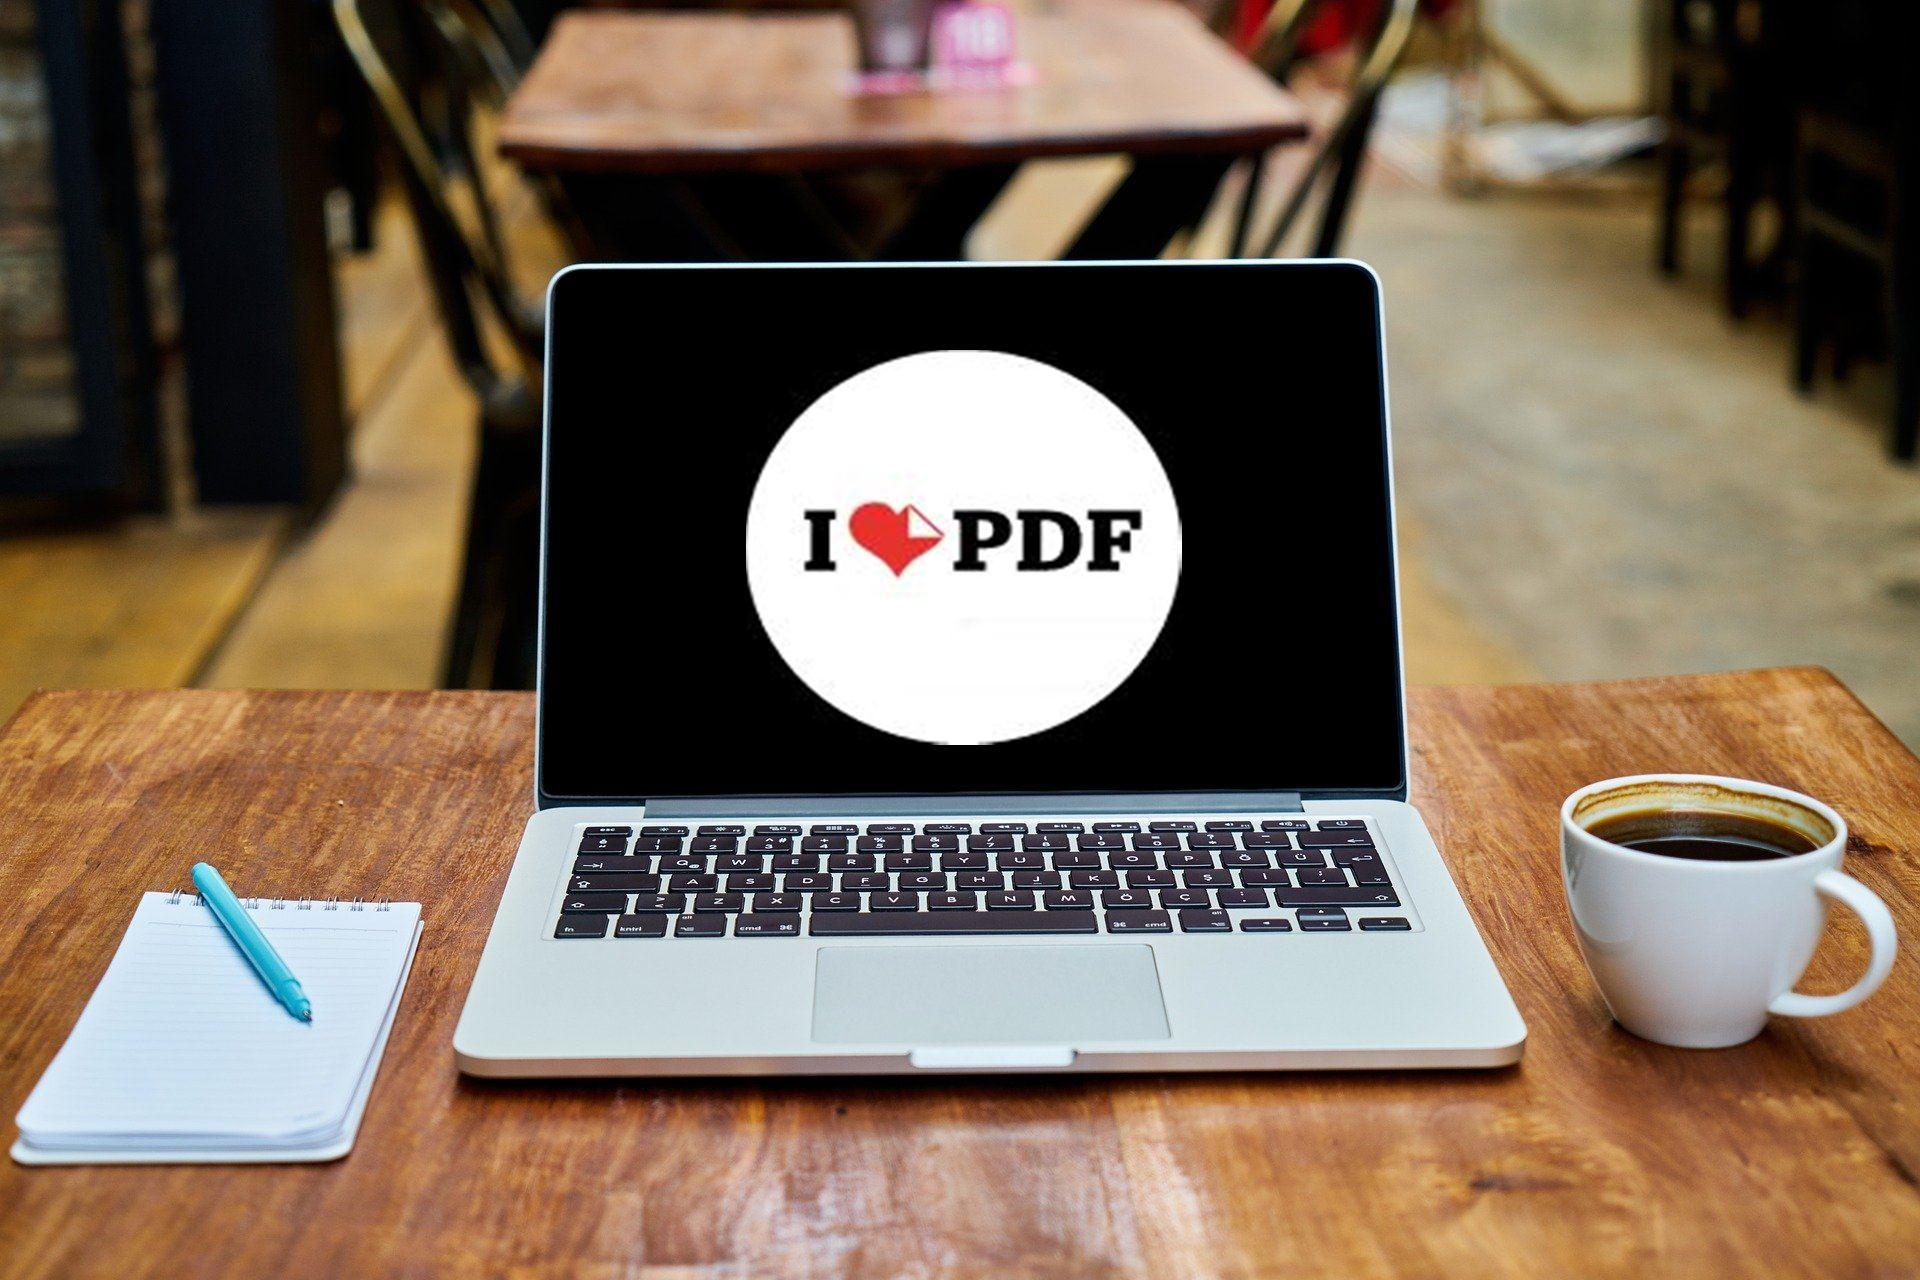 Cara Konversi, Kompres, Dan Gabungkan File PDF Tanpa Aplikasi (Menggunakan Website I Love PDF)